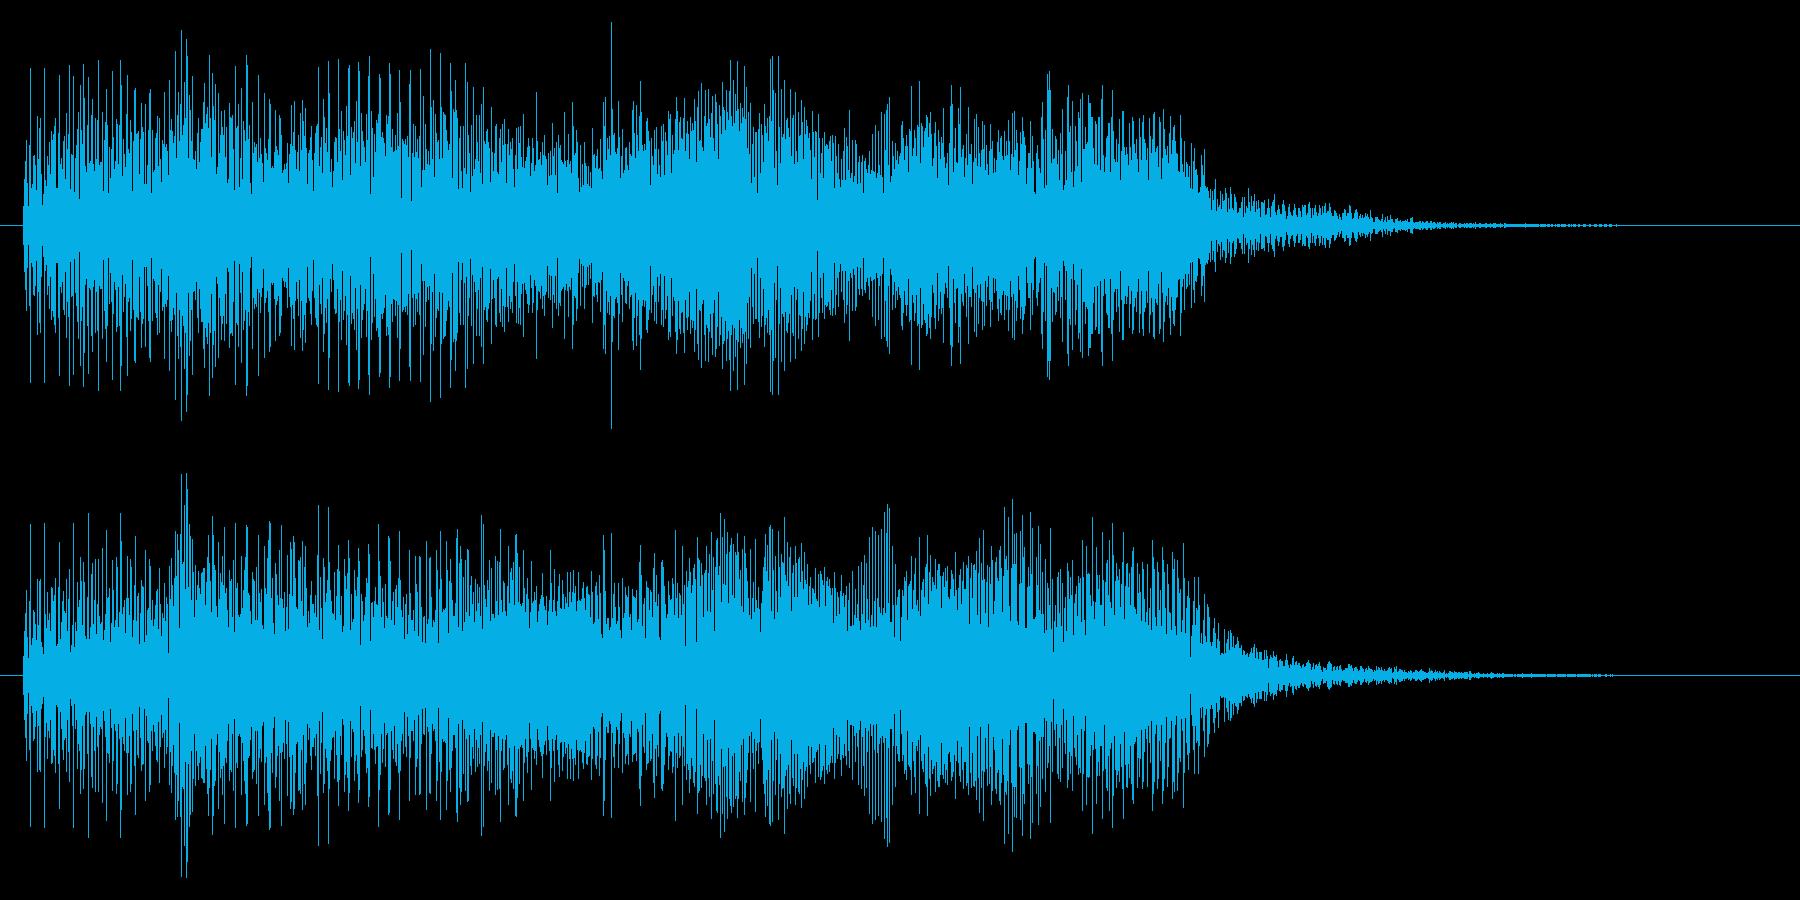 レトロなゲーム風のミス音 失敗 残念の再生済みの波形